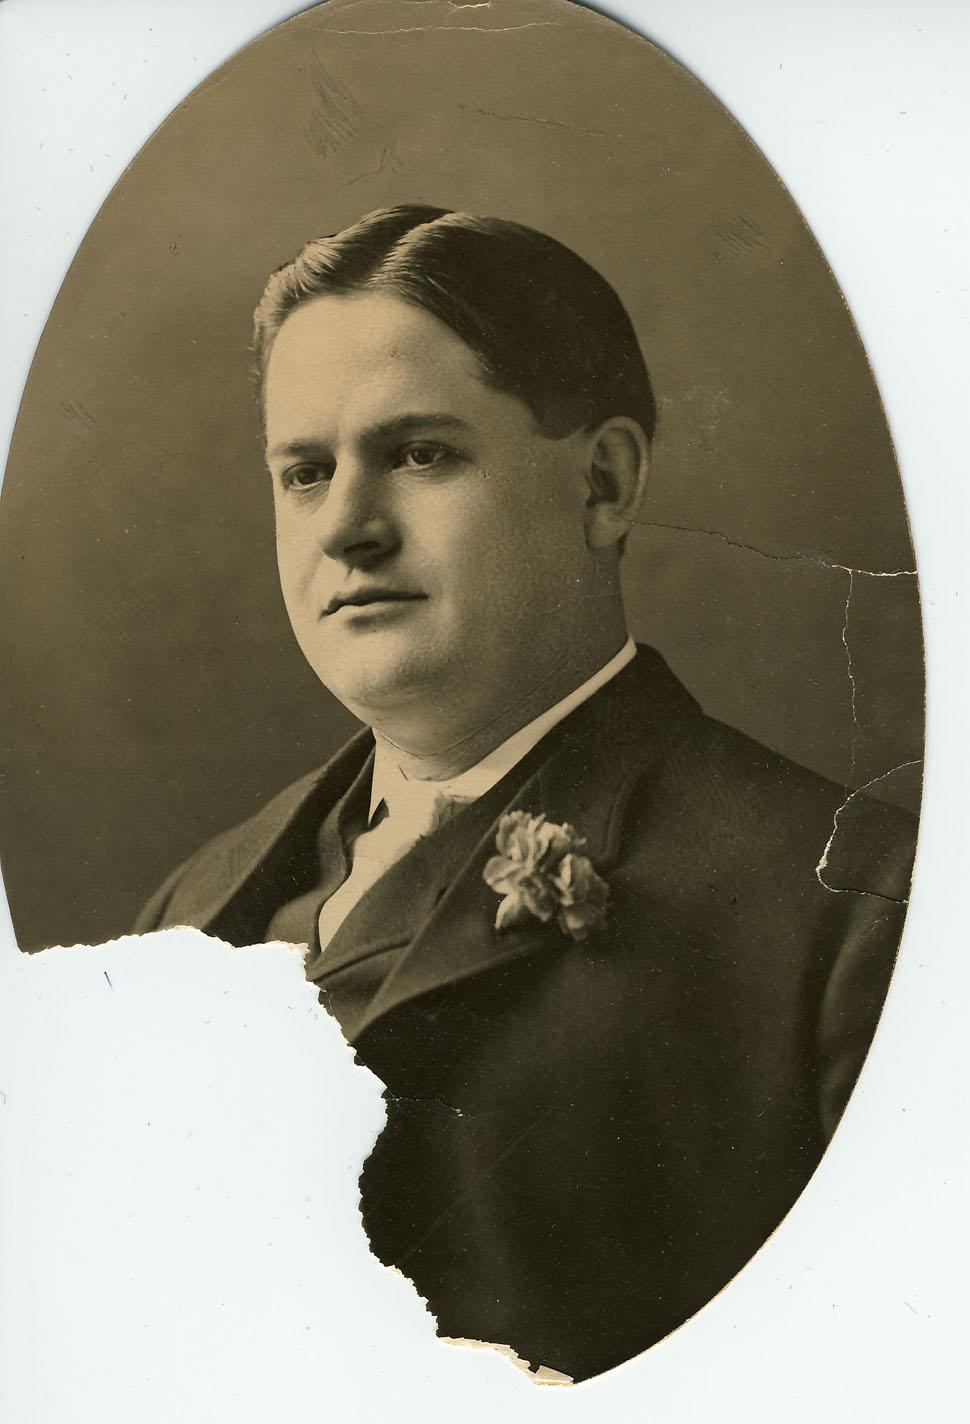 Henry K Spencer